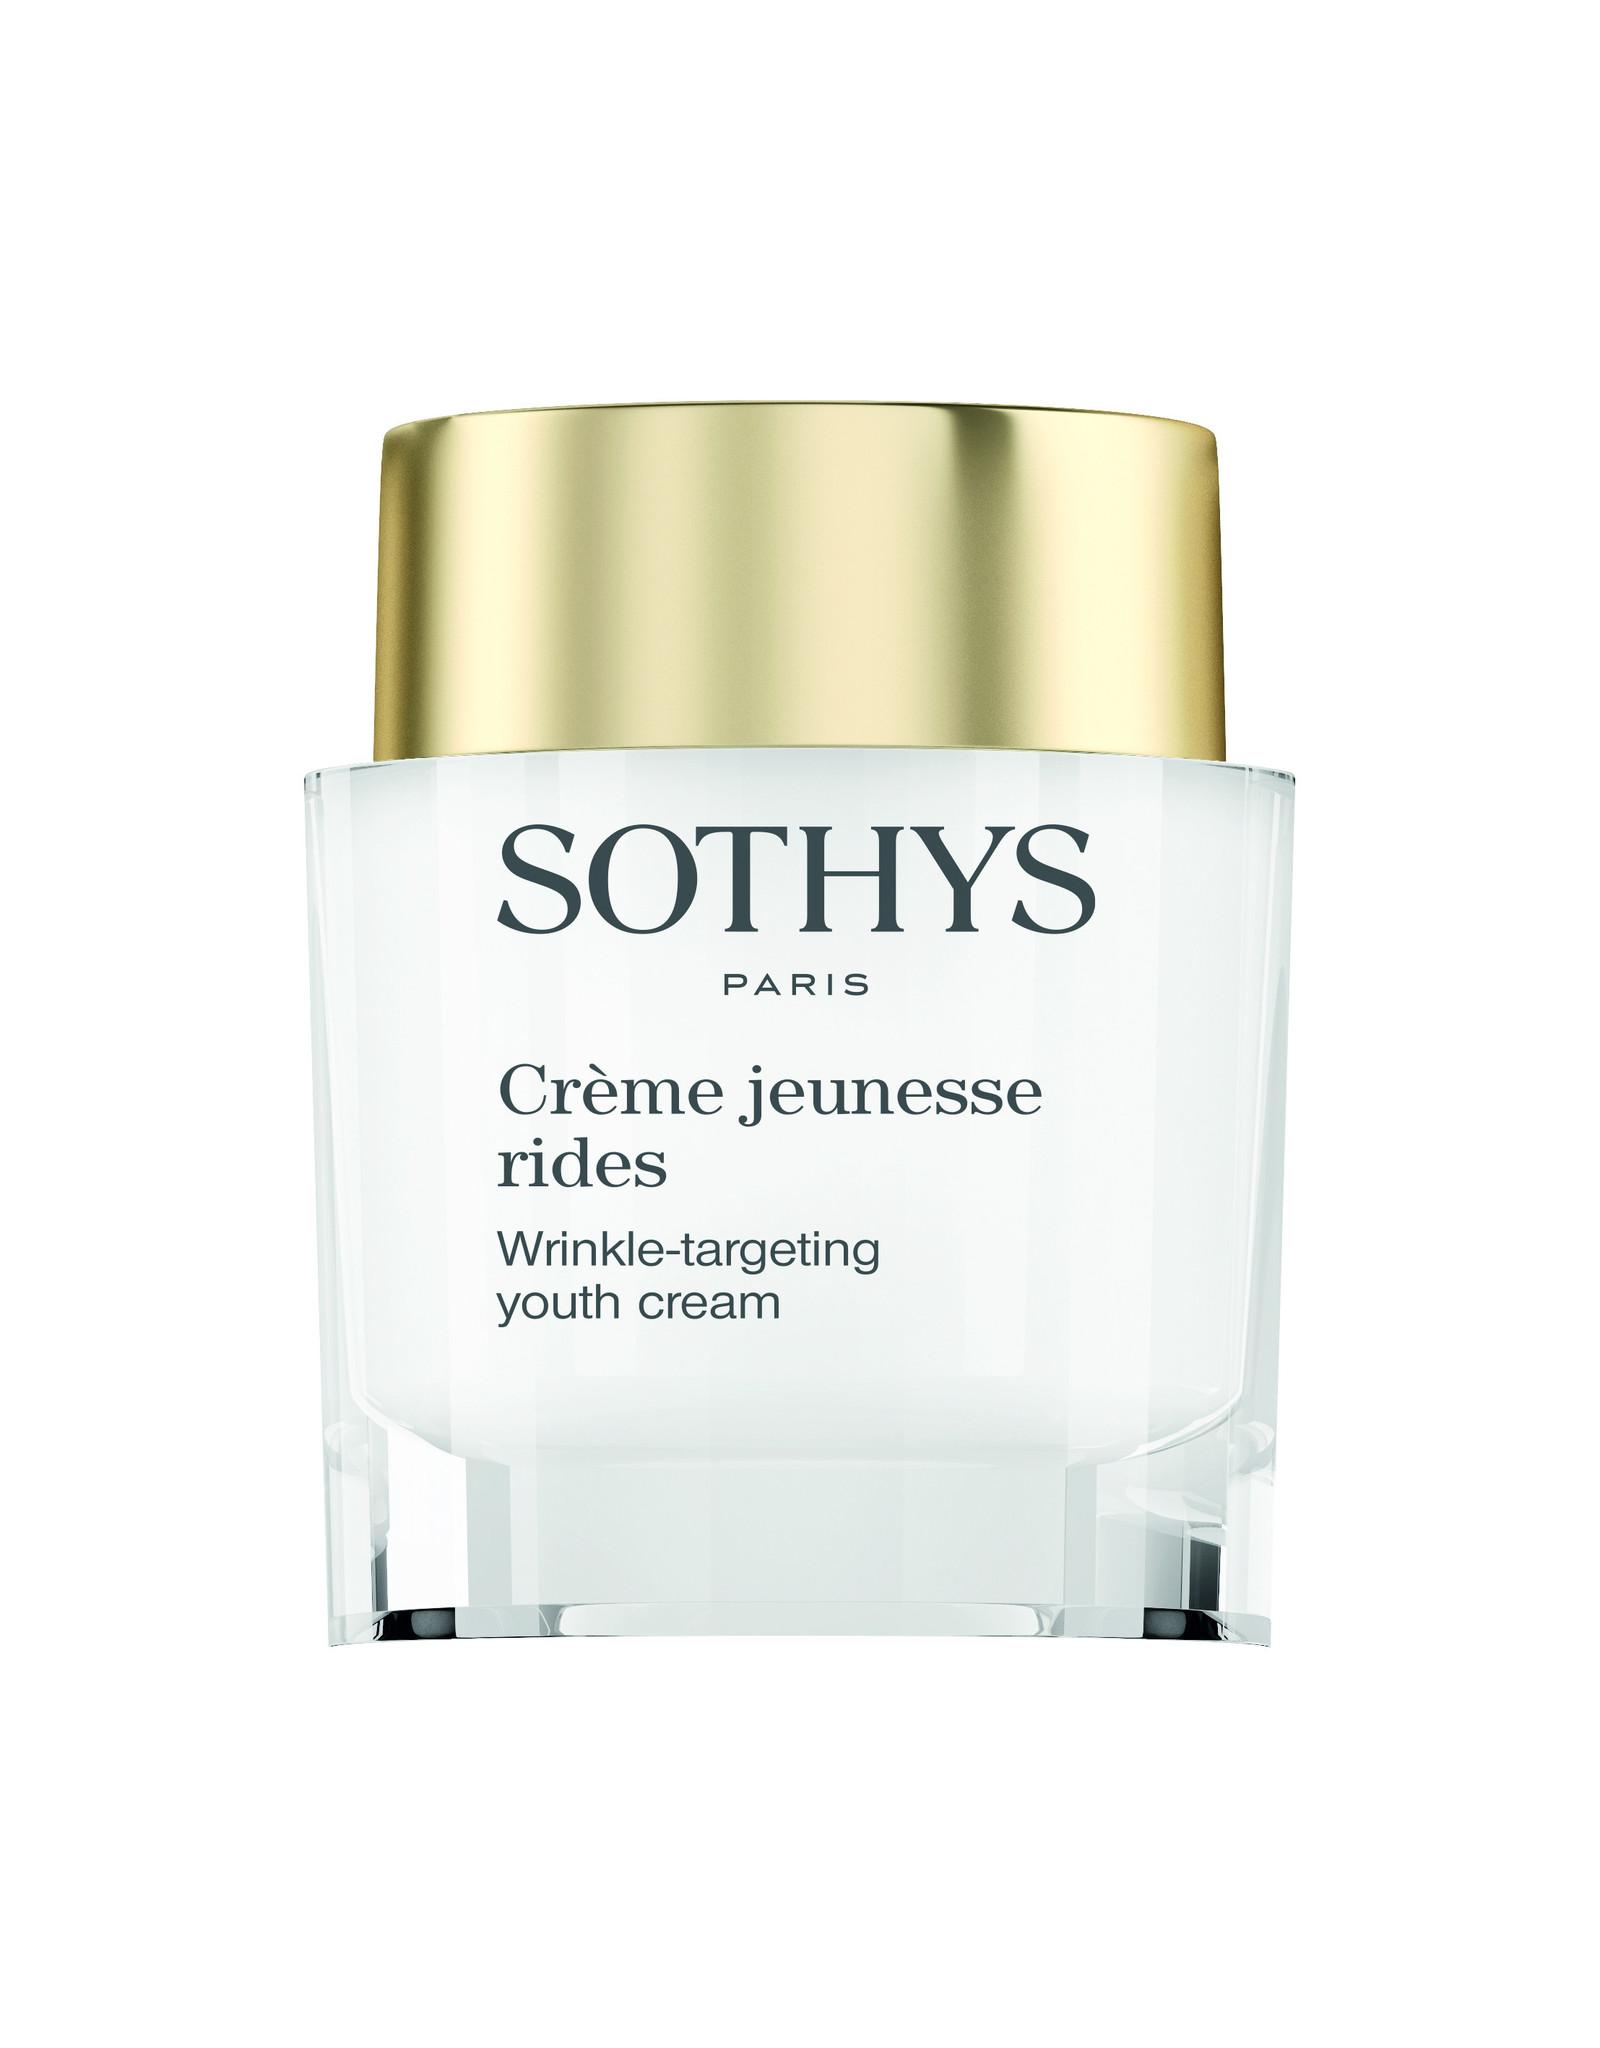 SOTHYS Crème jeunesse rides - Sothys